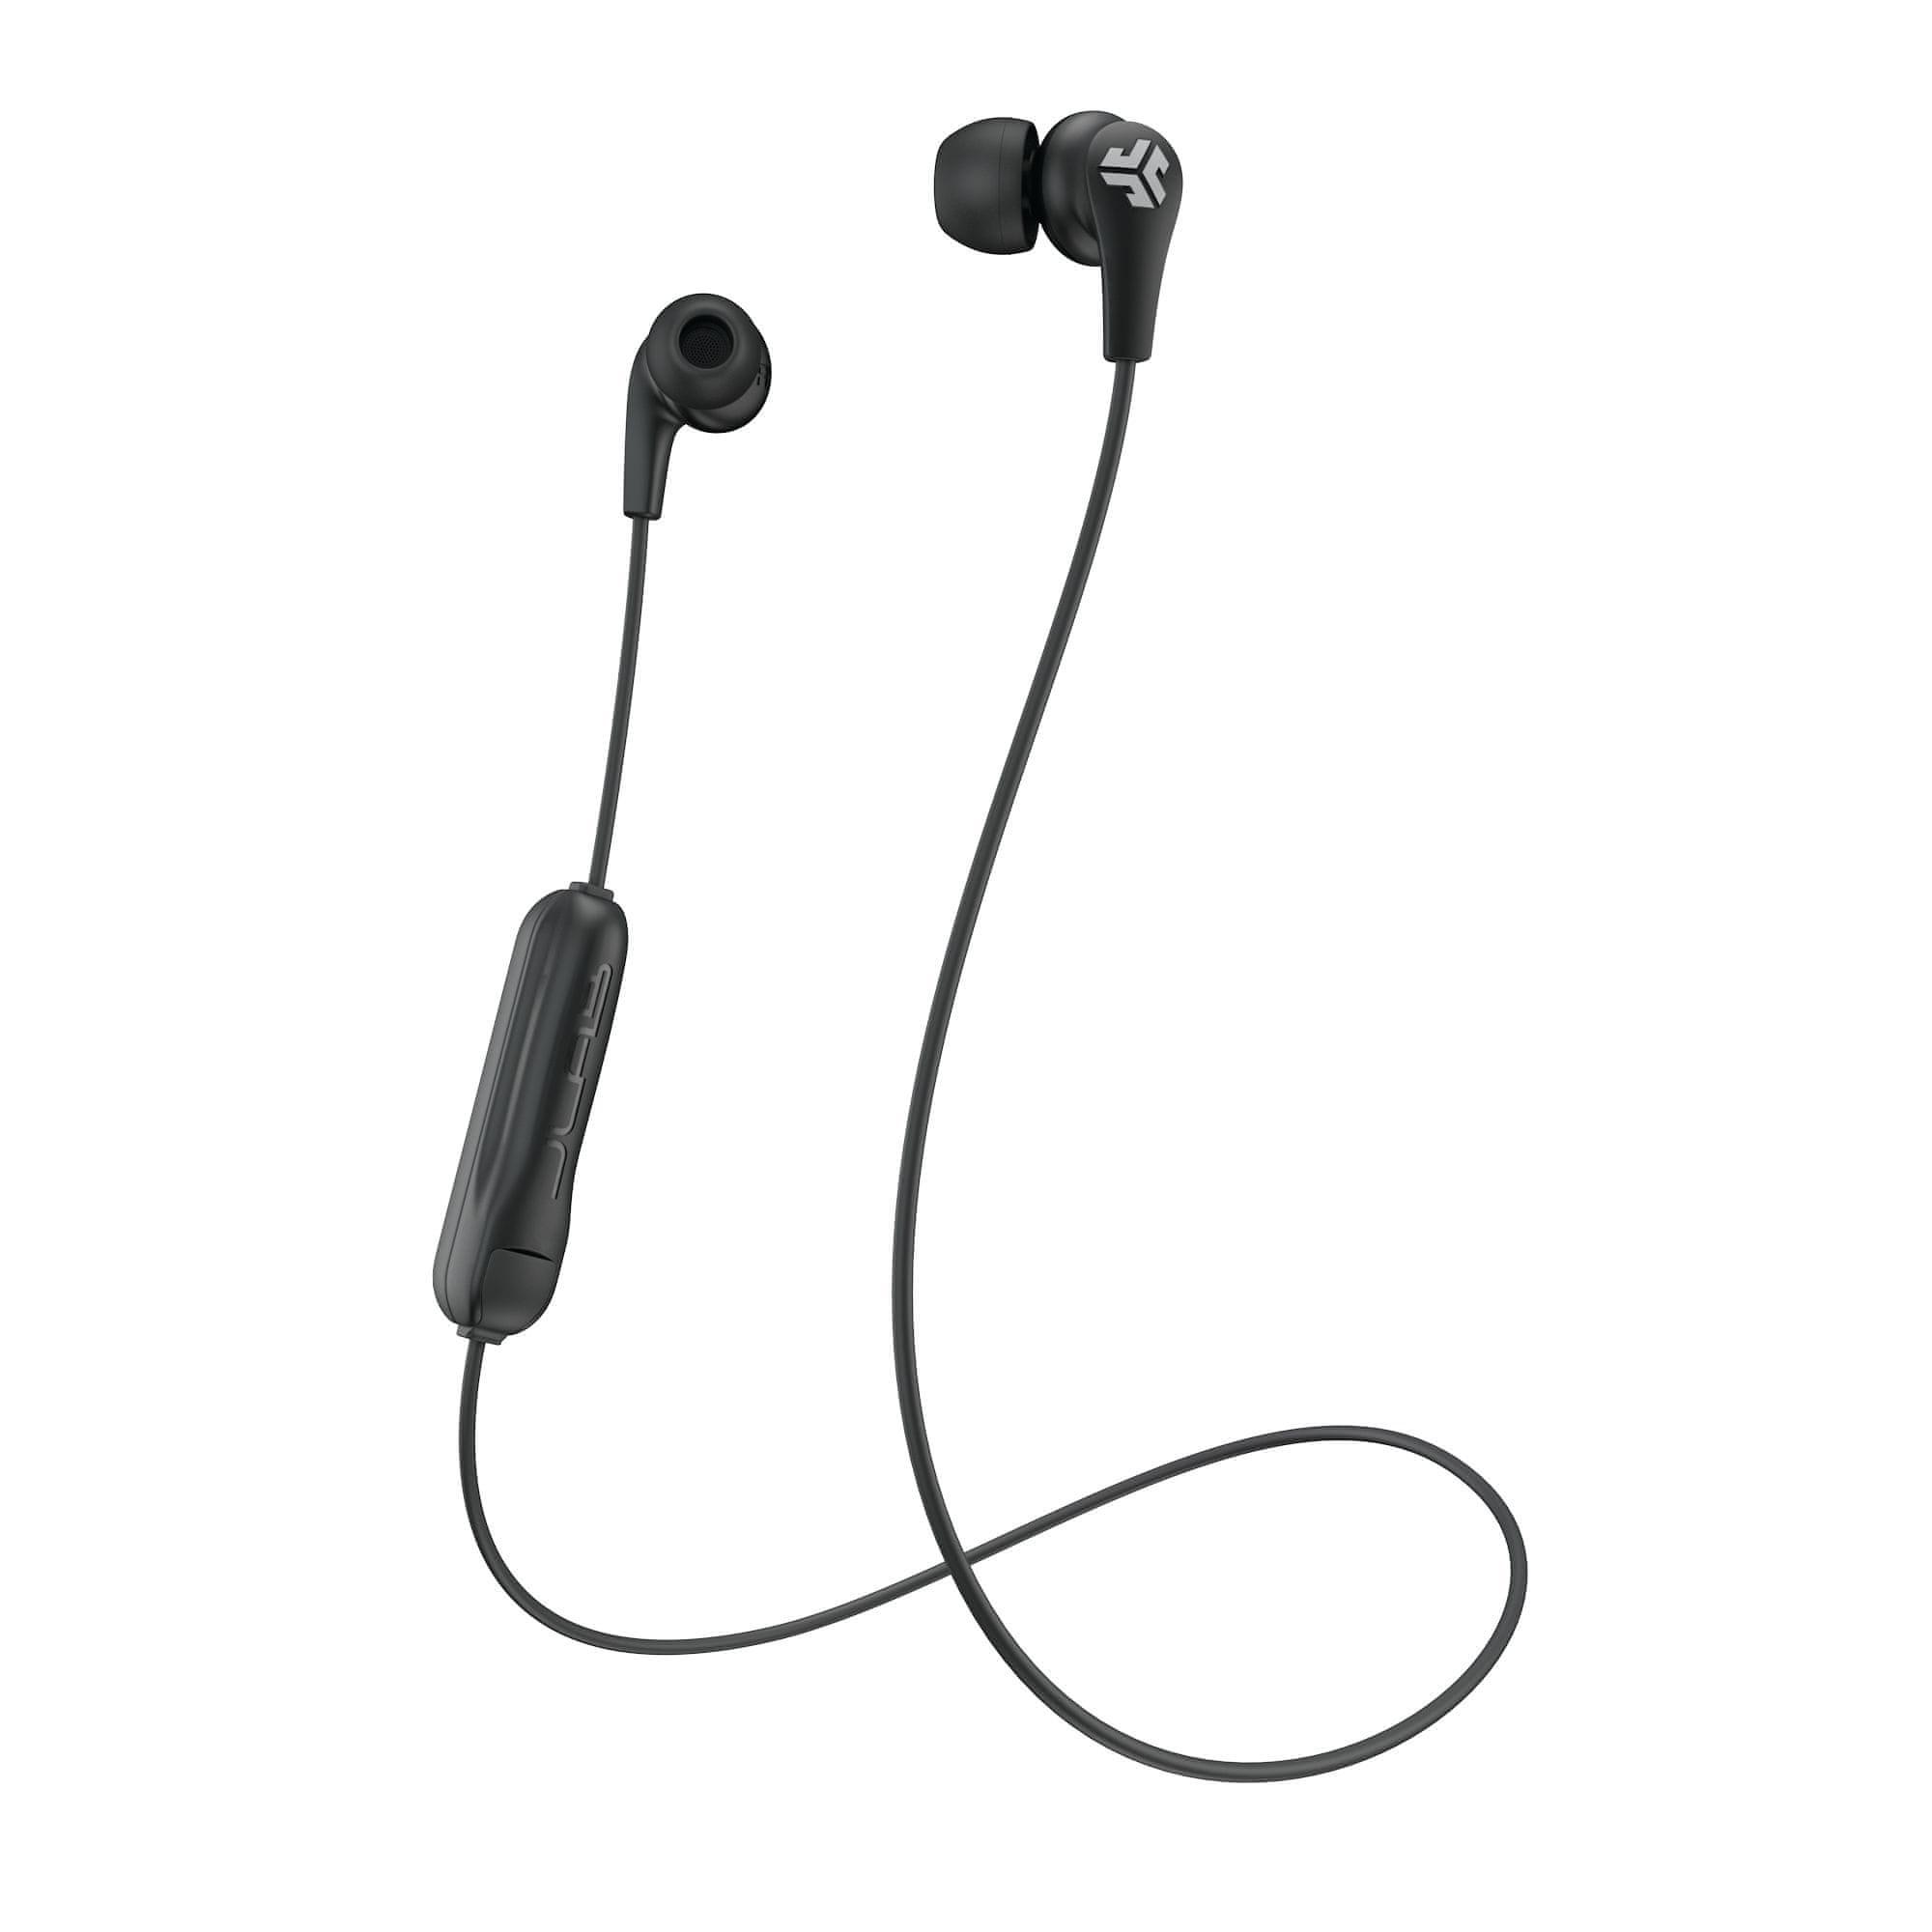 sodobne Bluetooth slušalke jlab za brezžične ušesne slušalke ip55 hiter odziv odličen zvok hitro polnjenje dolgo življenje udobno v ušesih lahek izenačevalnik za nastavitev zvoka